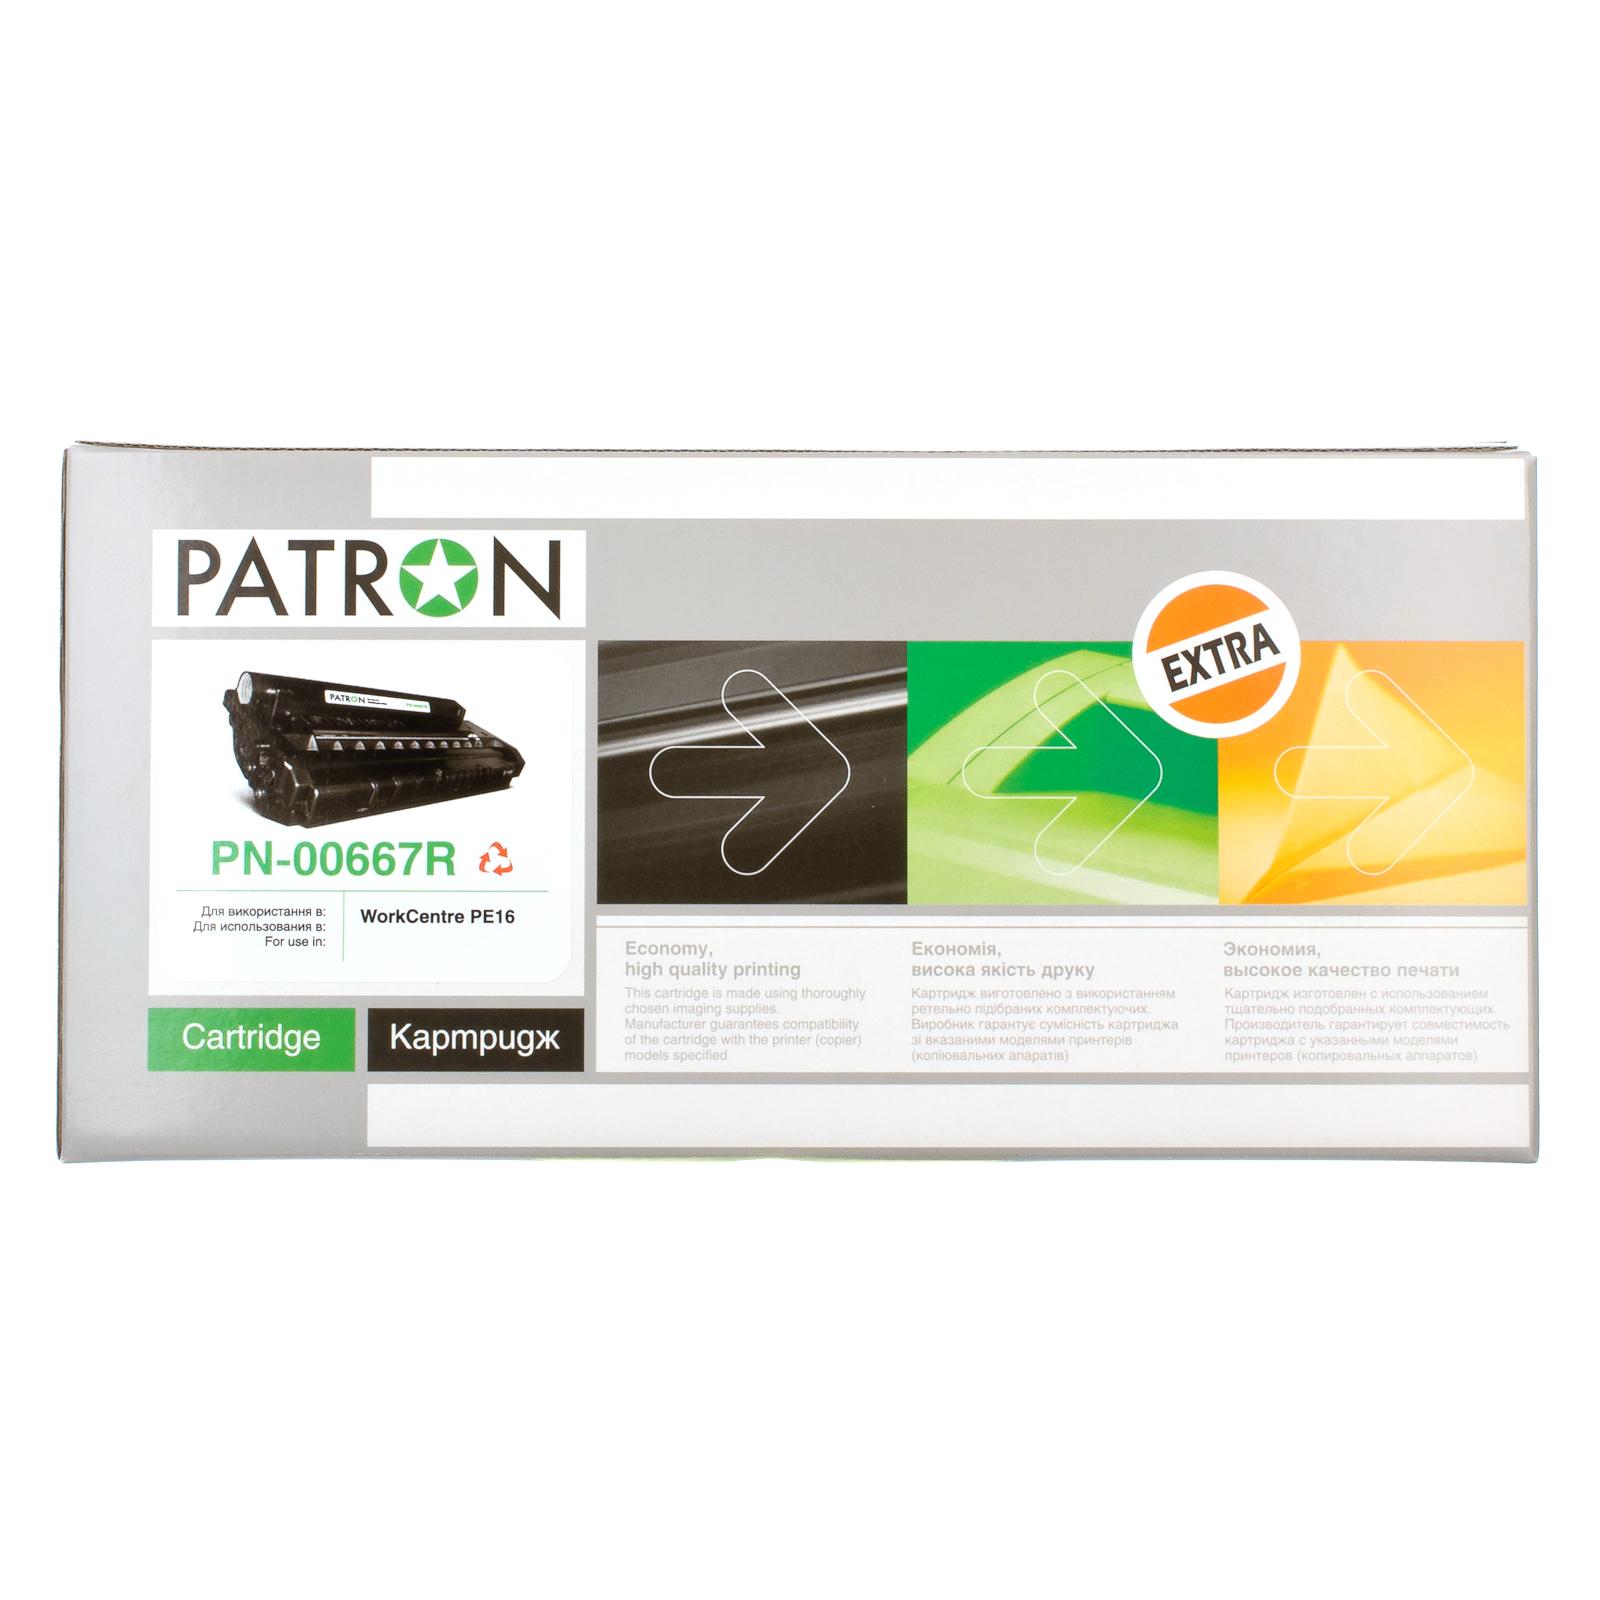 Картридж PATRON XEROX WC PE16 (PN-00667R) 113R00667 Extra (CT-XER-113R00667-PNR) изображение 3